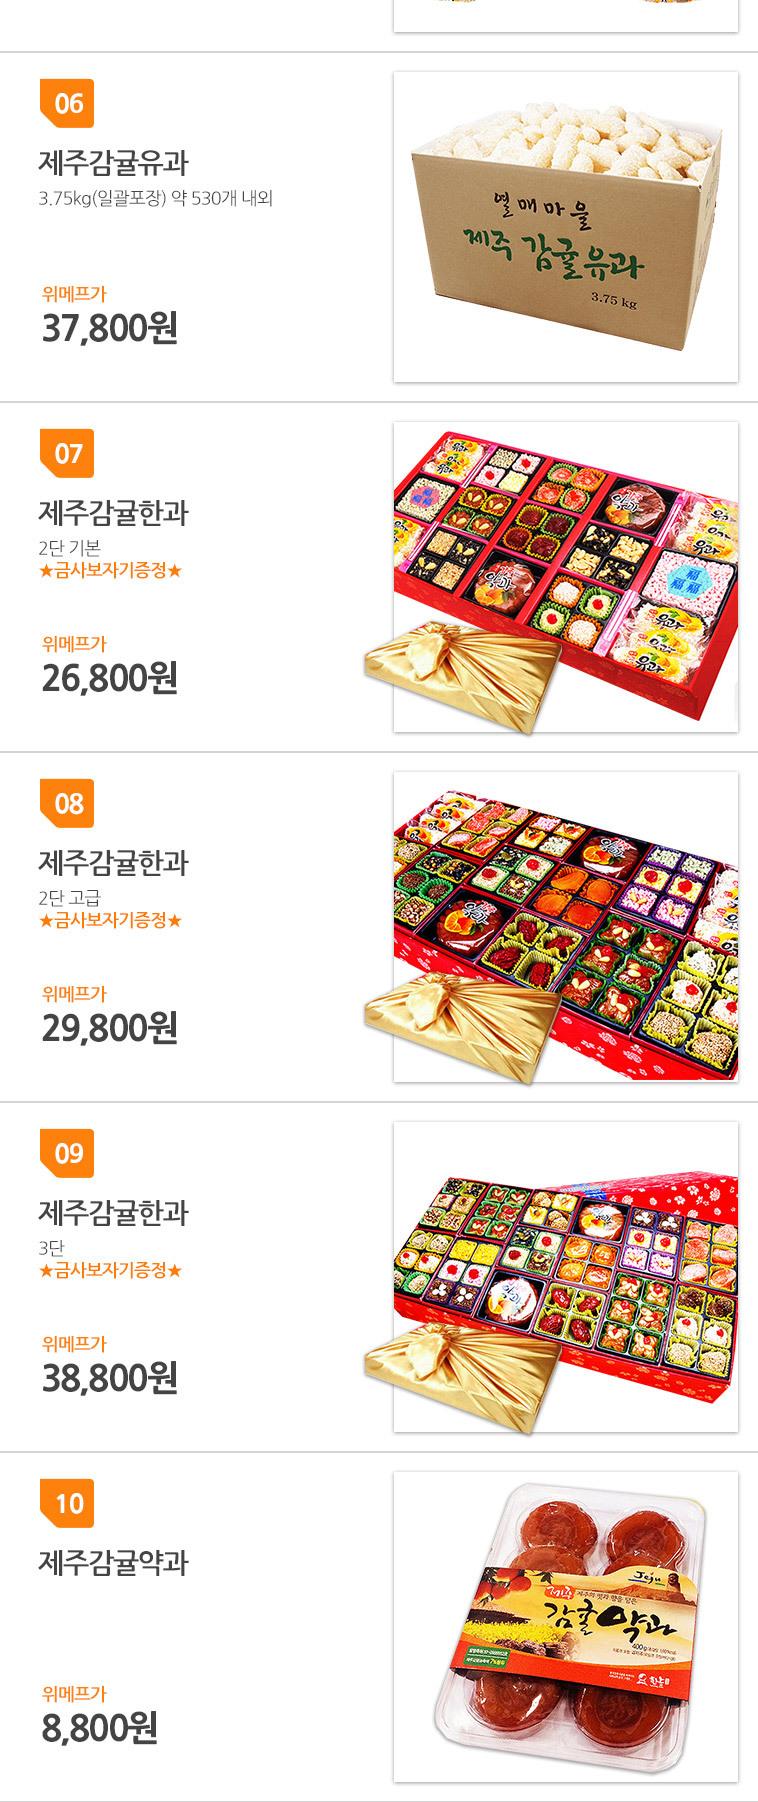 제주 감귤유과 선물세트 무료배송! - 상세정보